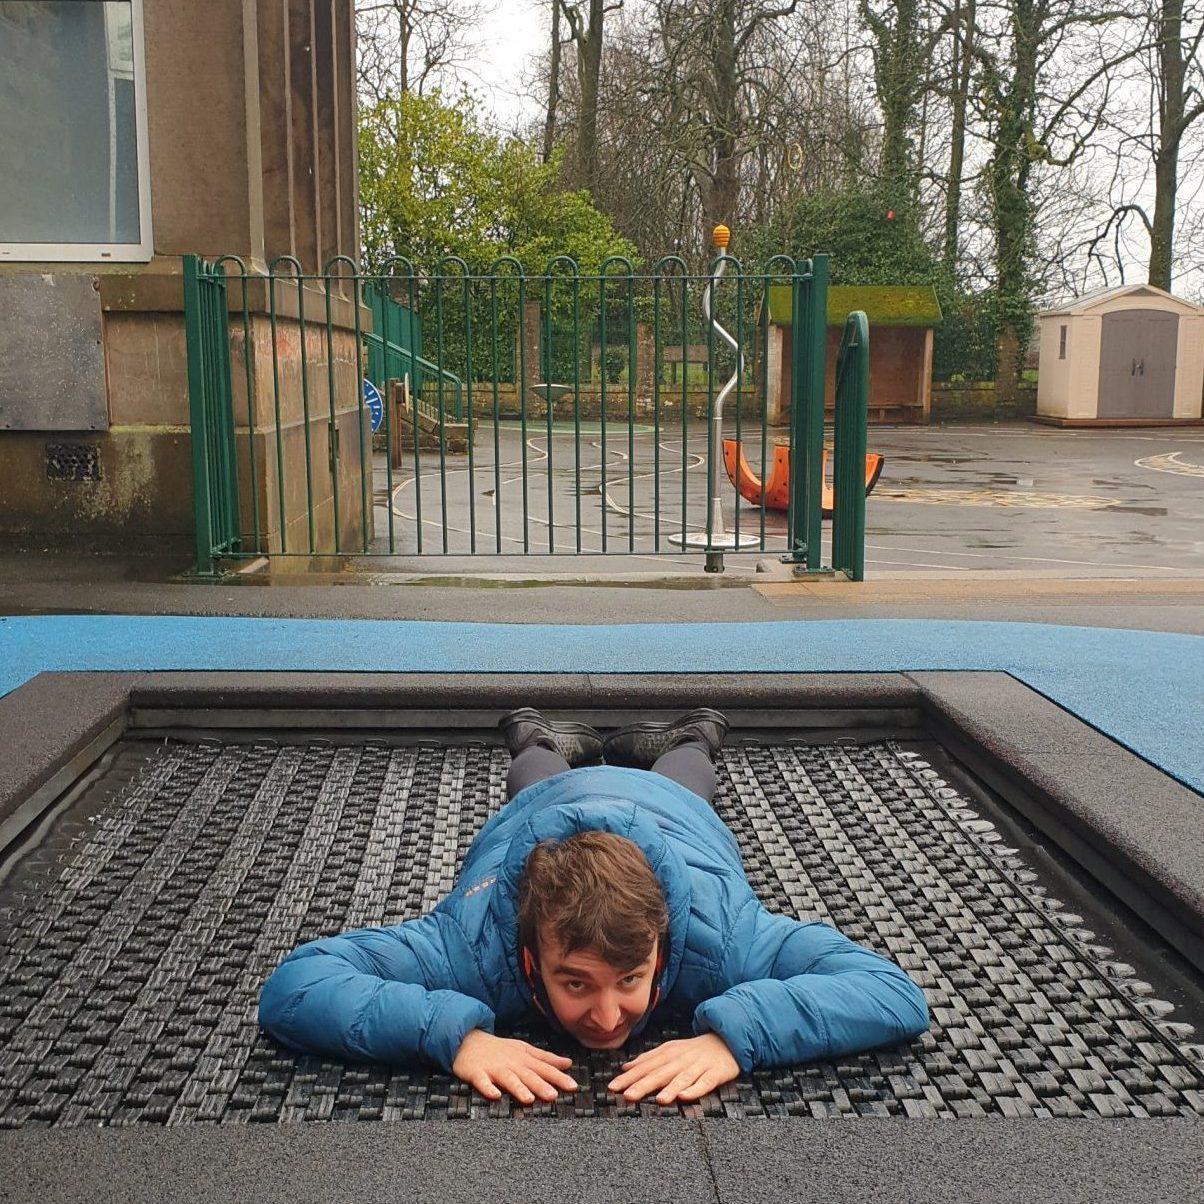 trampoline-scaled-e1606233654263